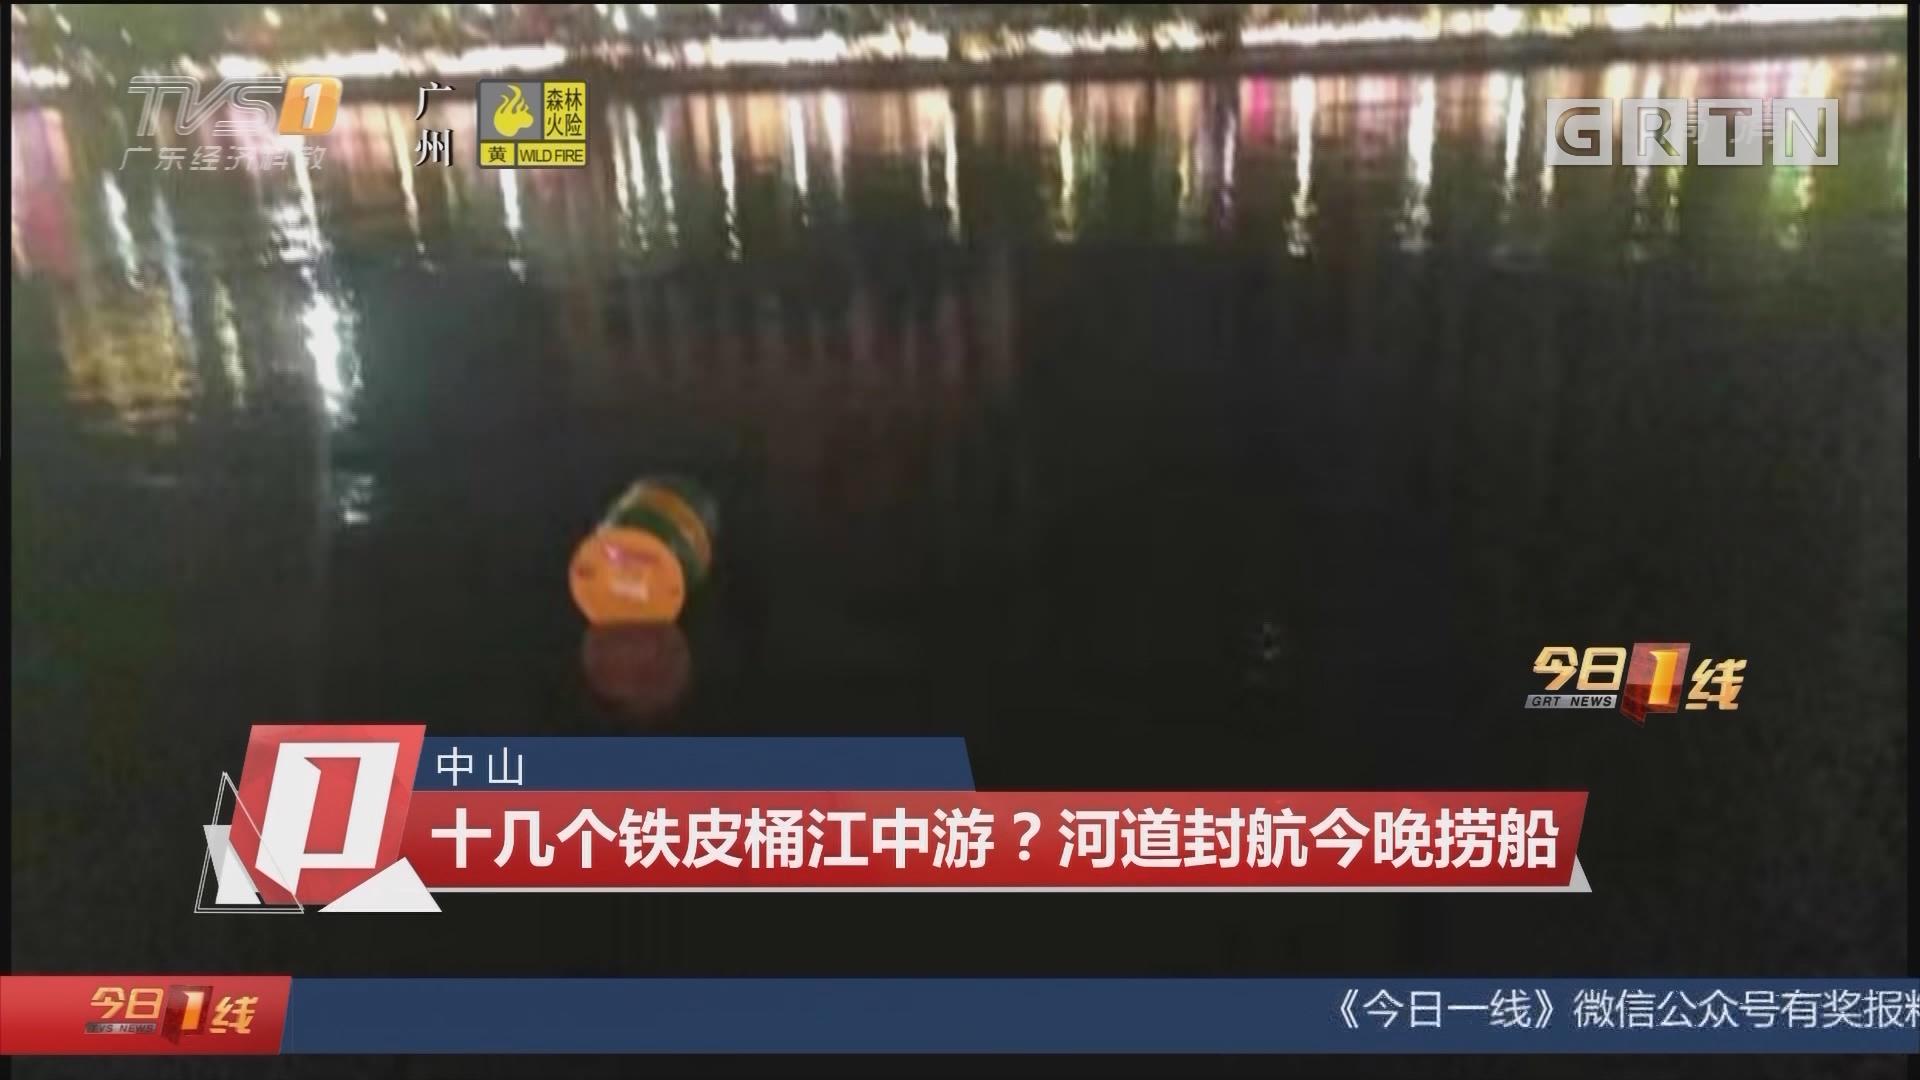 中山:十几个铁皮桶江中游?河道封航今晚捞船